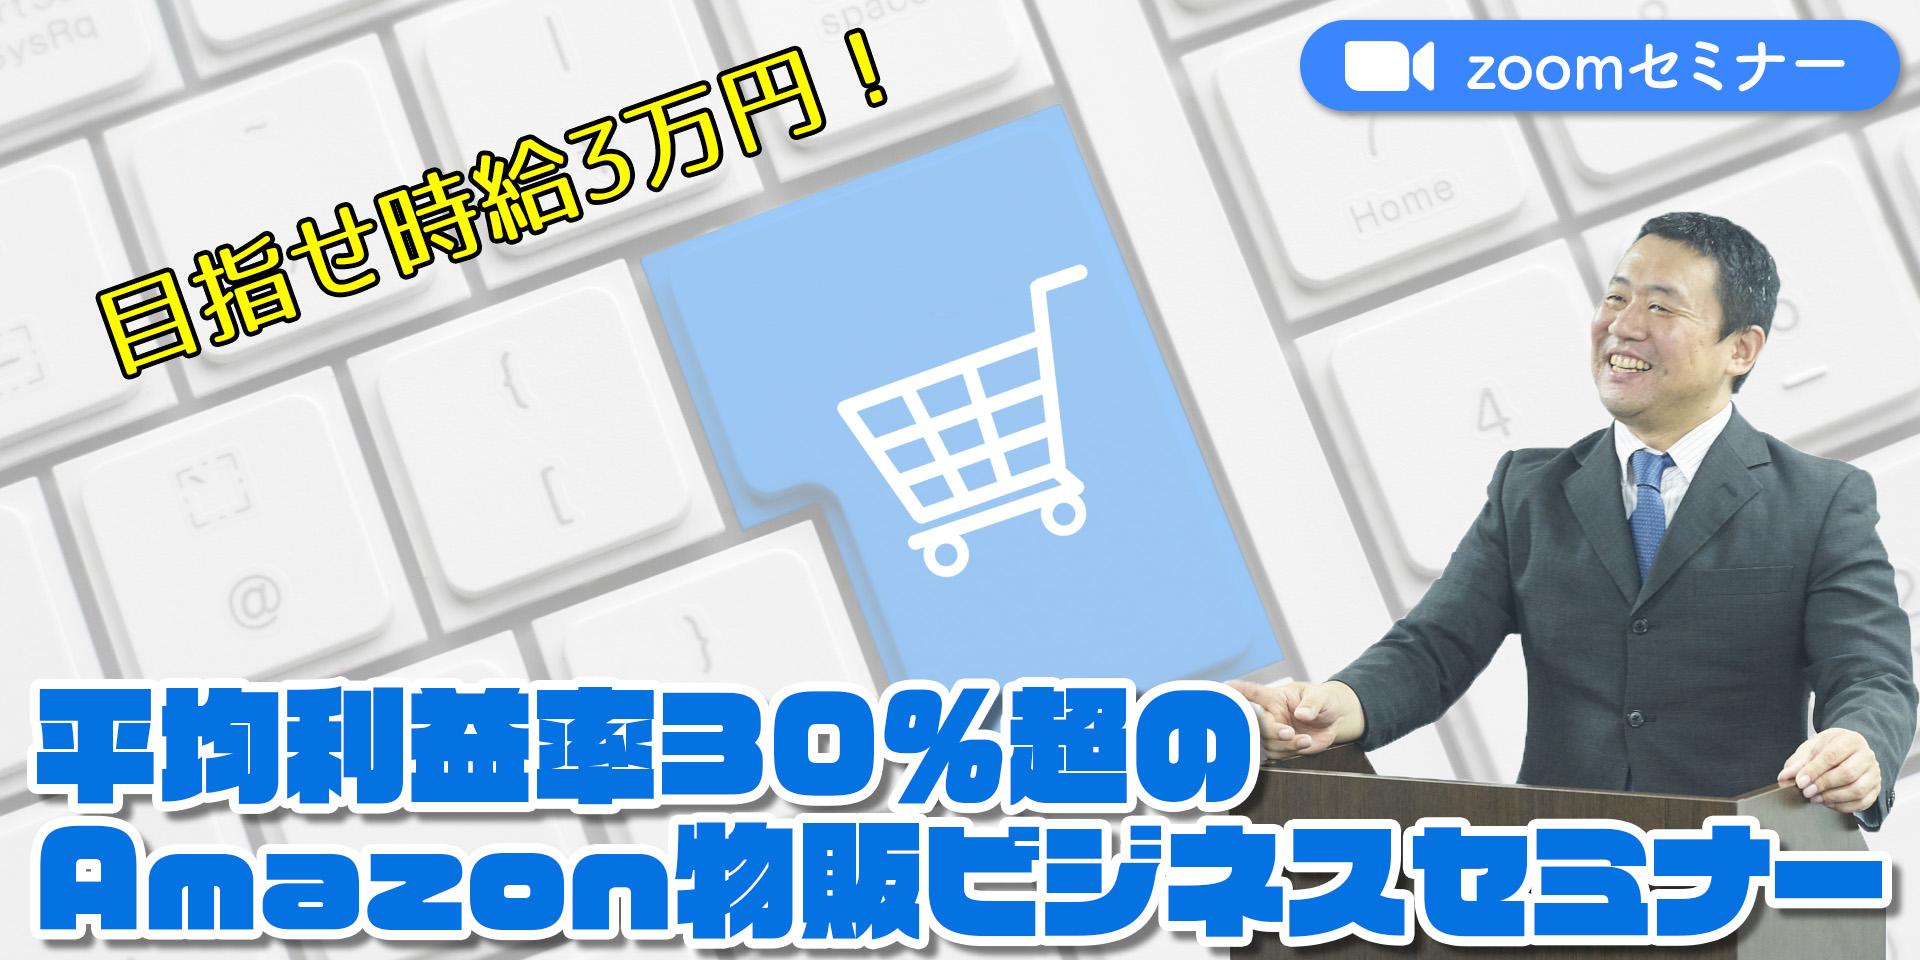 Amazon物販ビジネスセミナーzoom